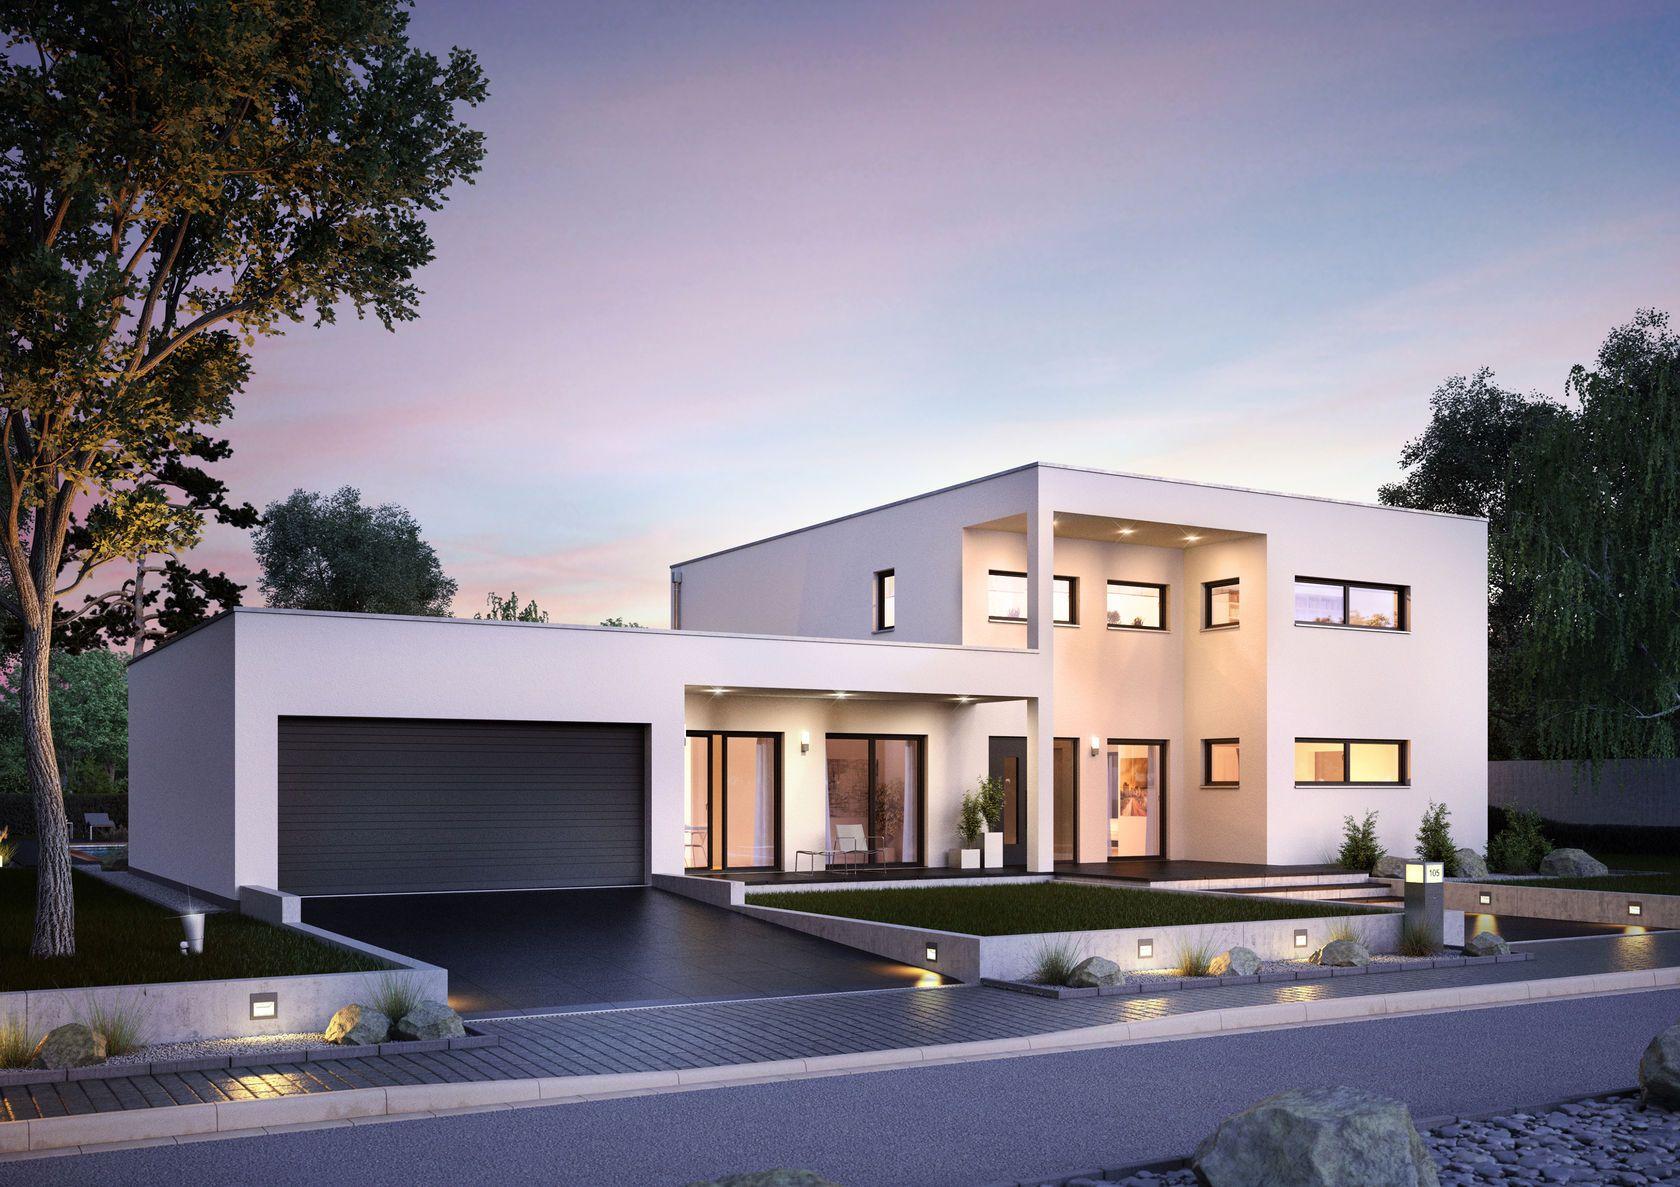 Bauhäuser in 2020 House styles, Modern architecture